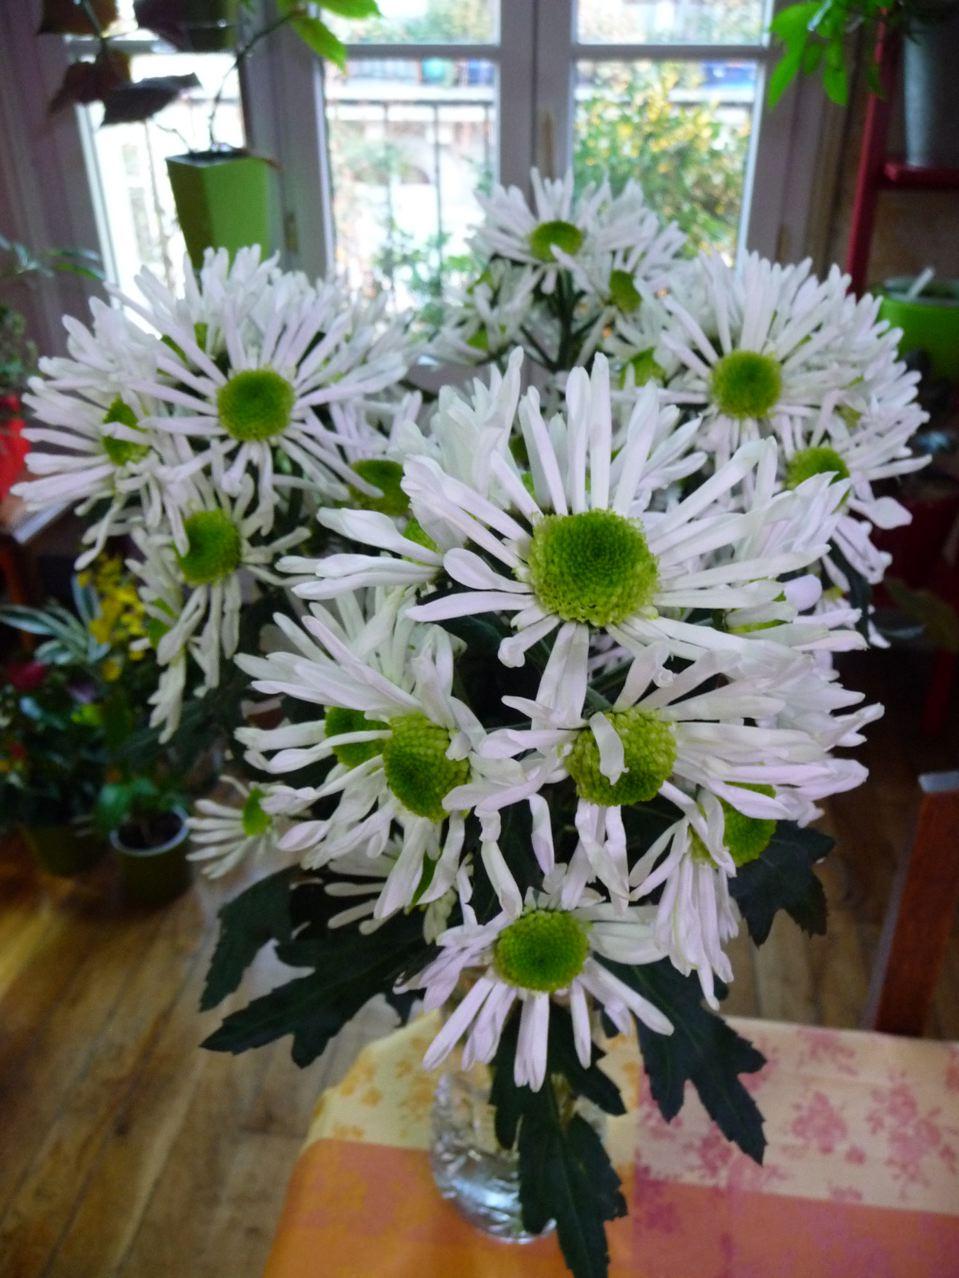 Fleurs coupées : chrysanthèmes blancs et verts